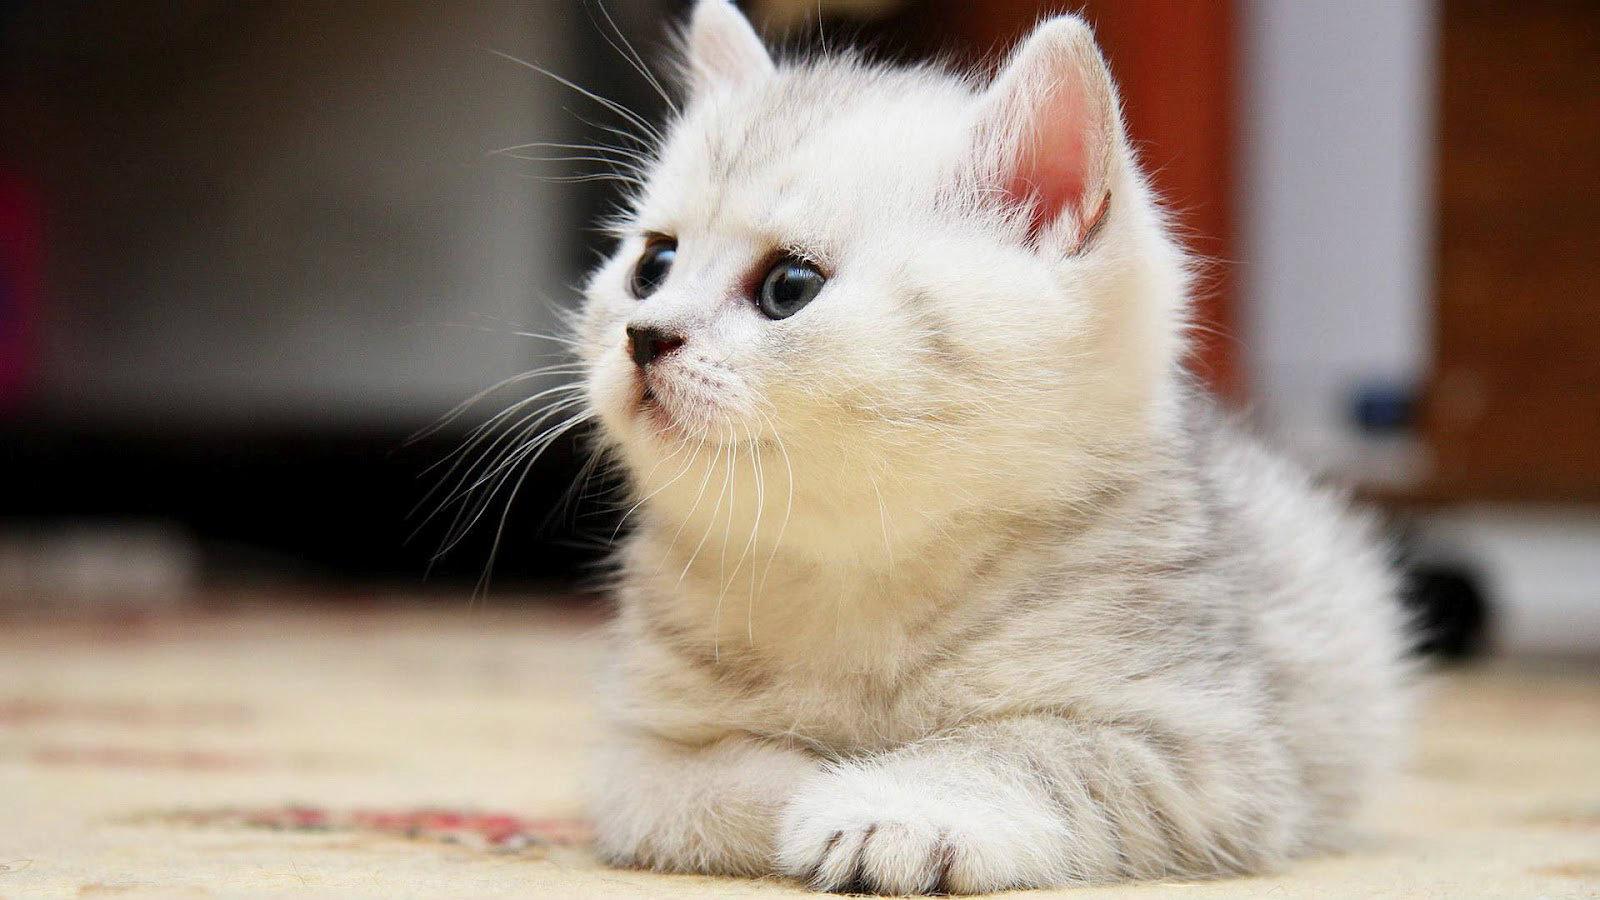 بالصور اجمل الصور للقطط في العالم , احلي صور قطط 6581 6